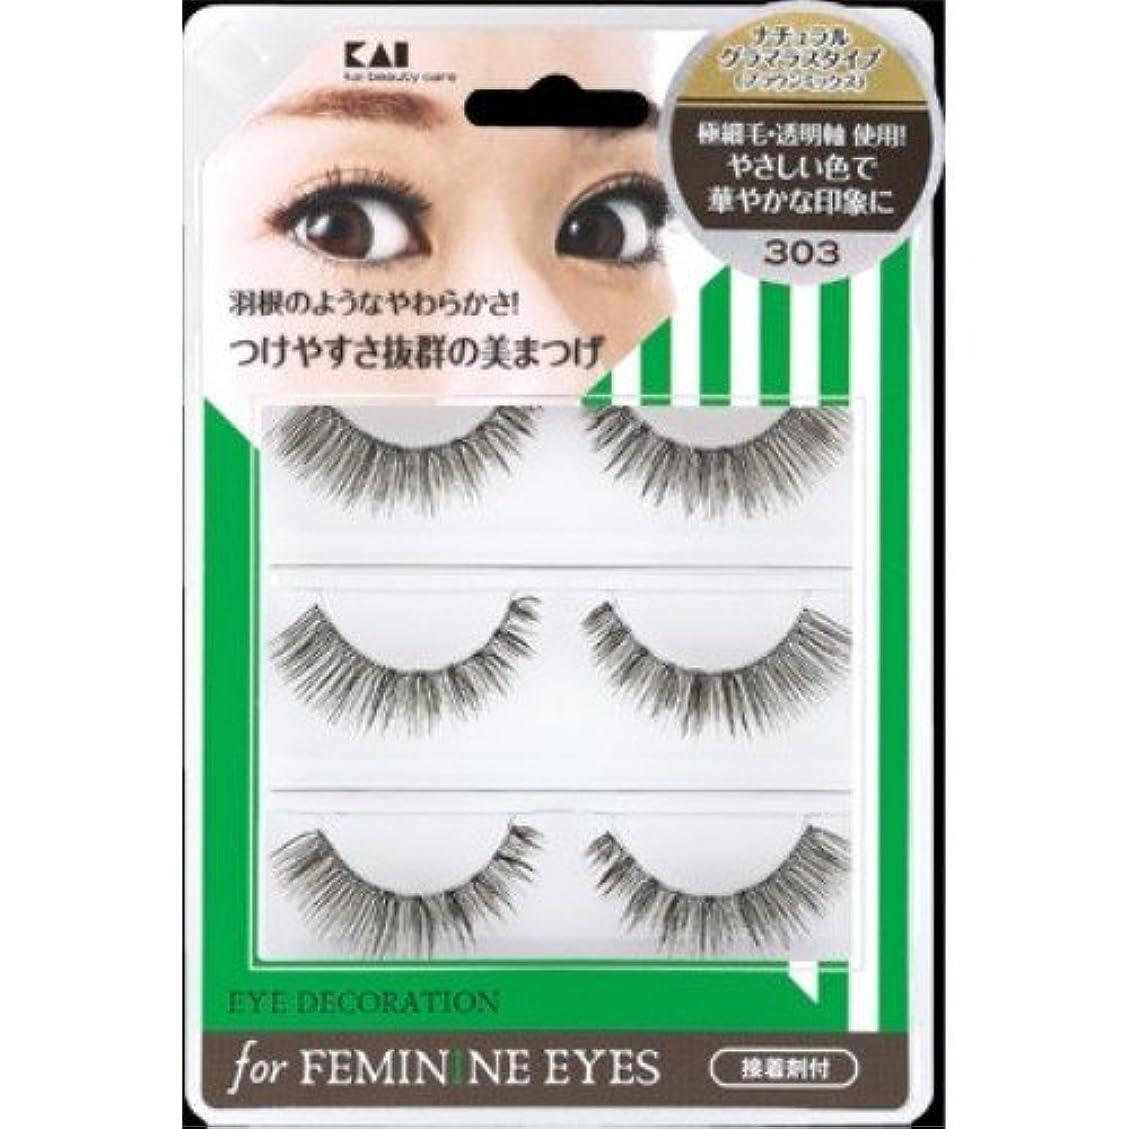 両方地震ミッション貝印 アイデコレーション for feminine eyes 303 HC1563